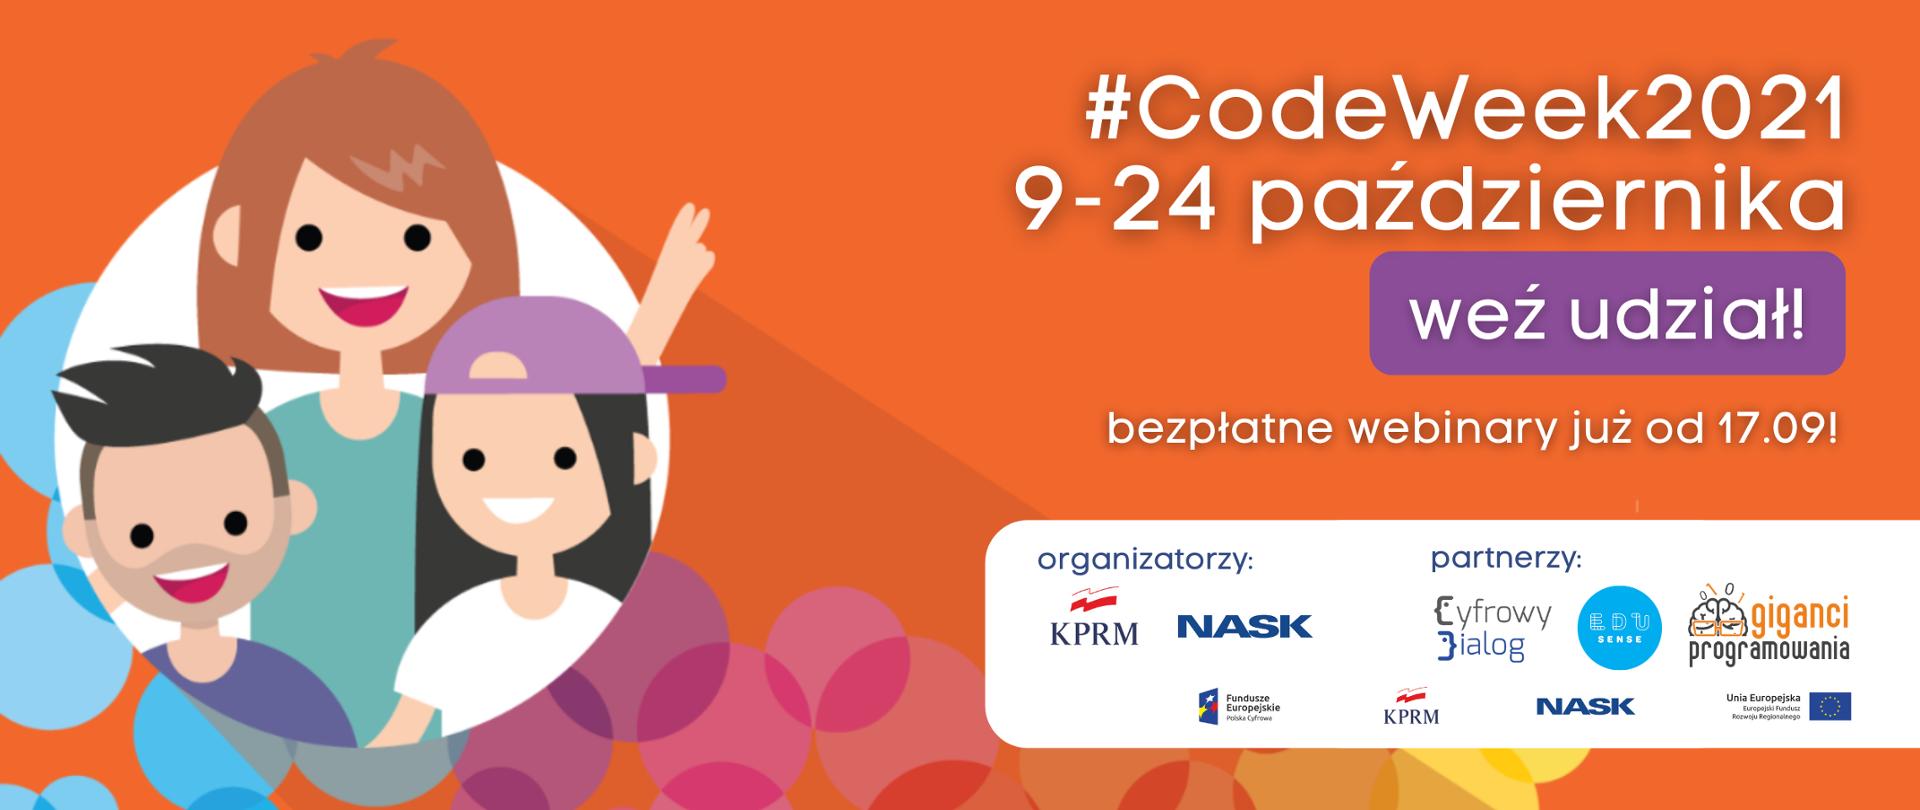 Europejski Tydzień Kodowania CodeWeek – zapraszamy do udziału! Grafika informacyjna na pomarańczowym tle z nazwą wydarzenia i jego terminem oraz loga organizatorów